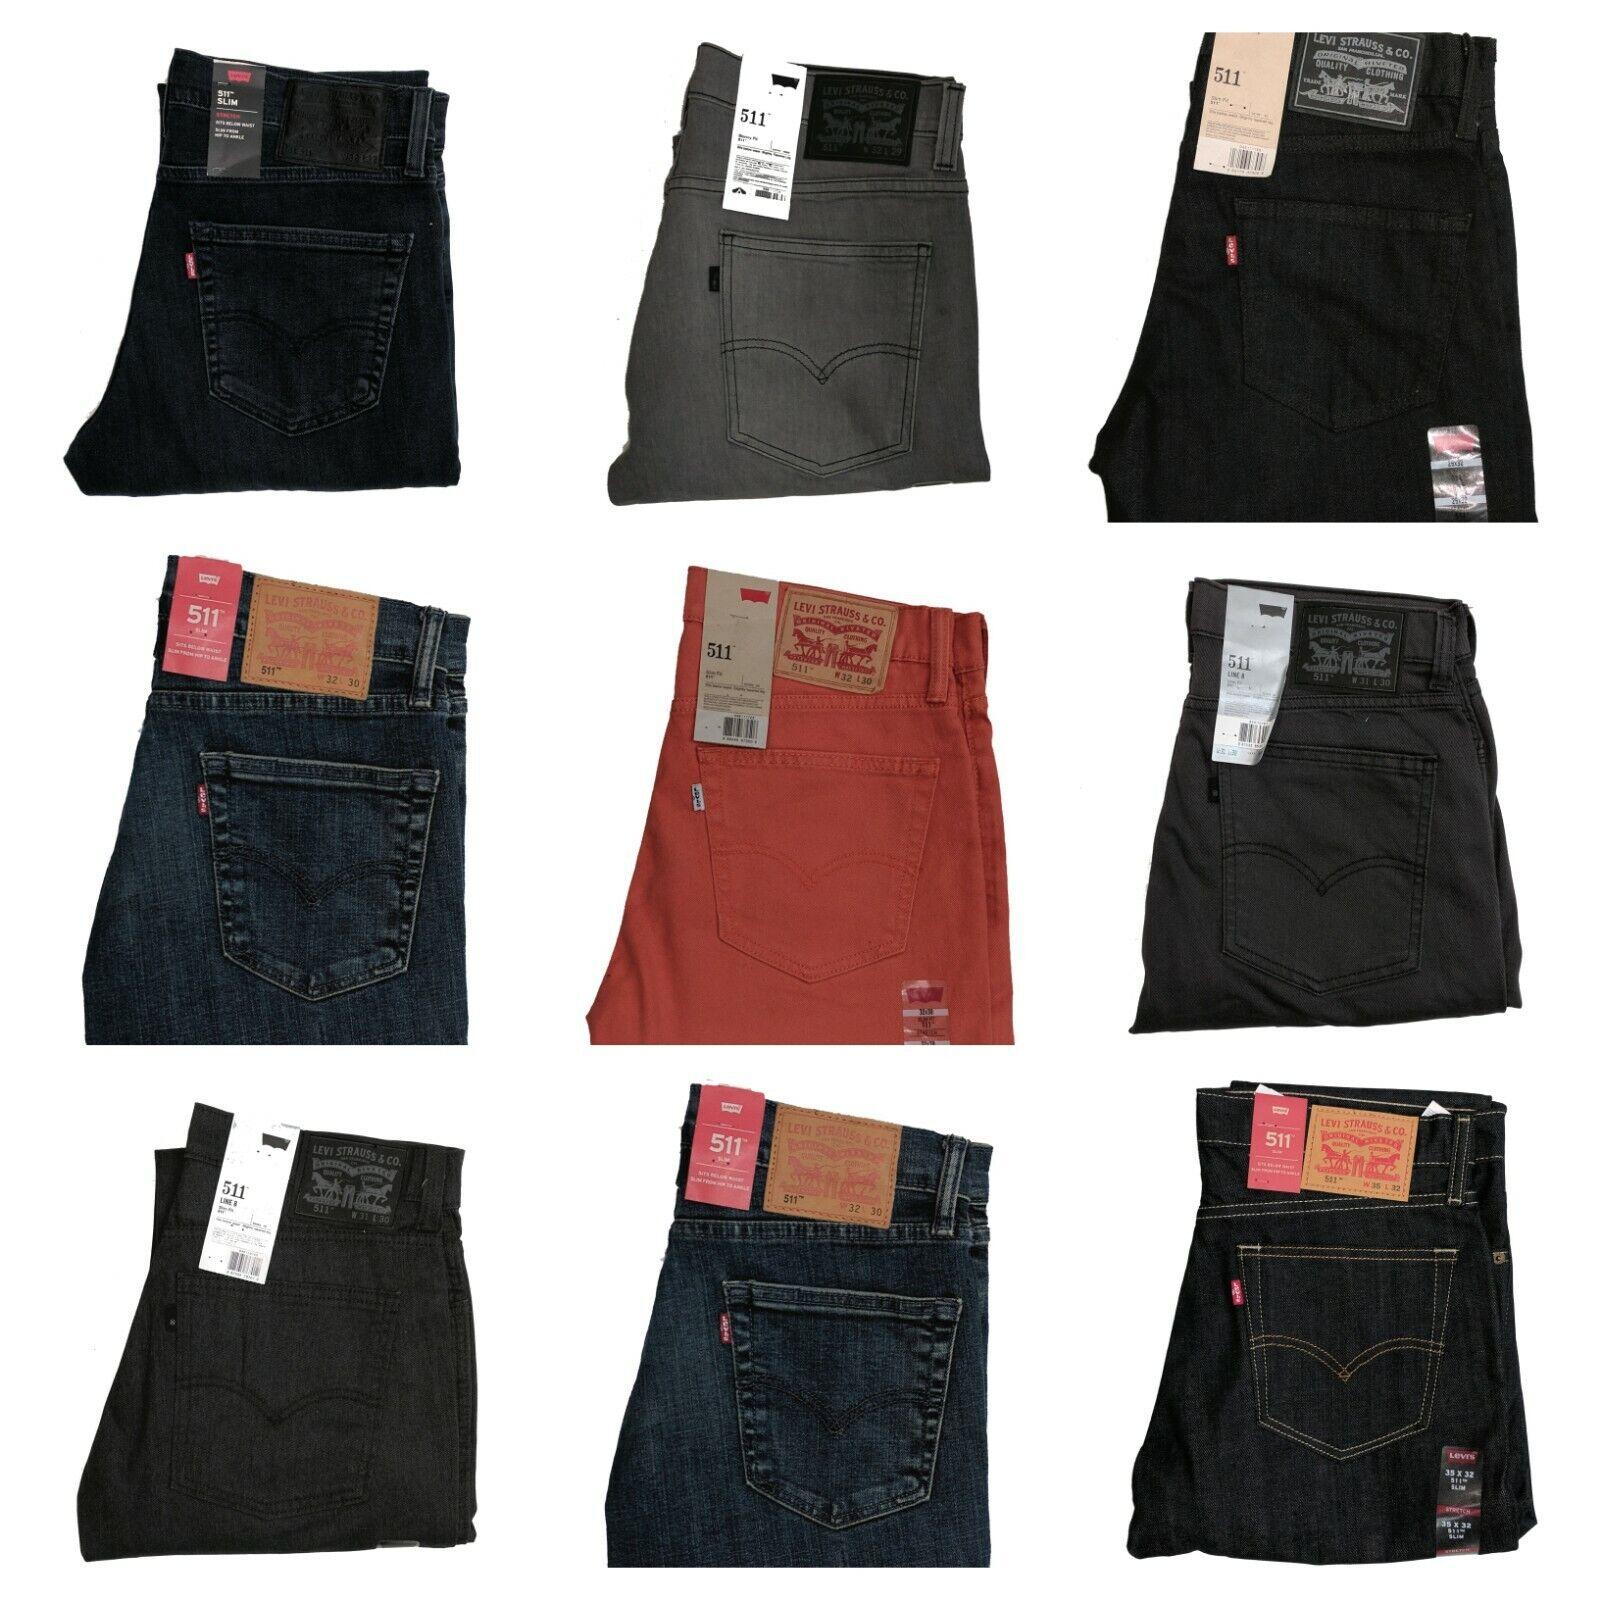 Levis 511 Slim Fit Men's Stretch Denim Levi's Jeans 28 29 30